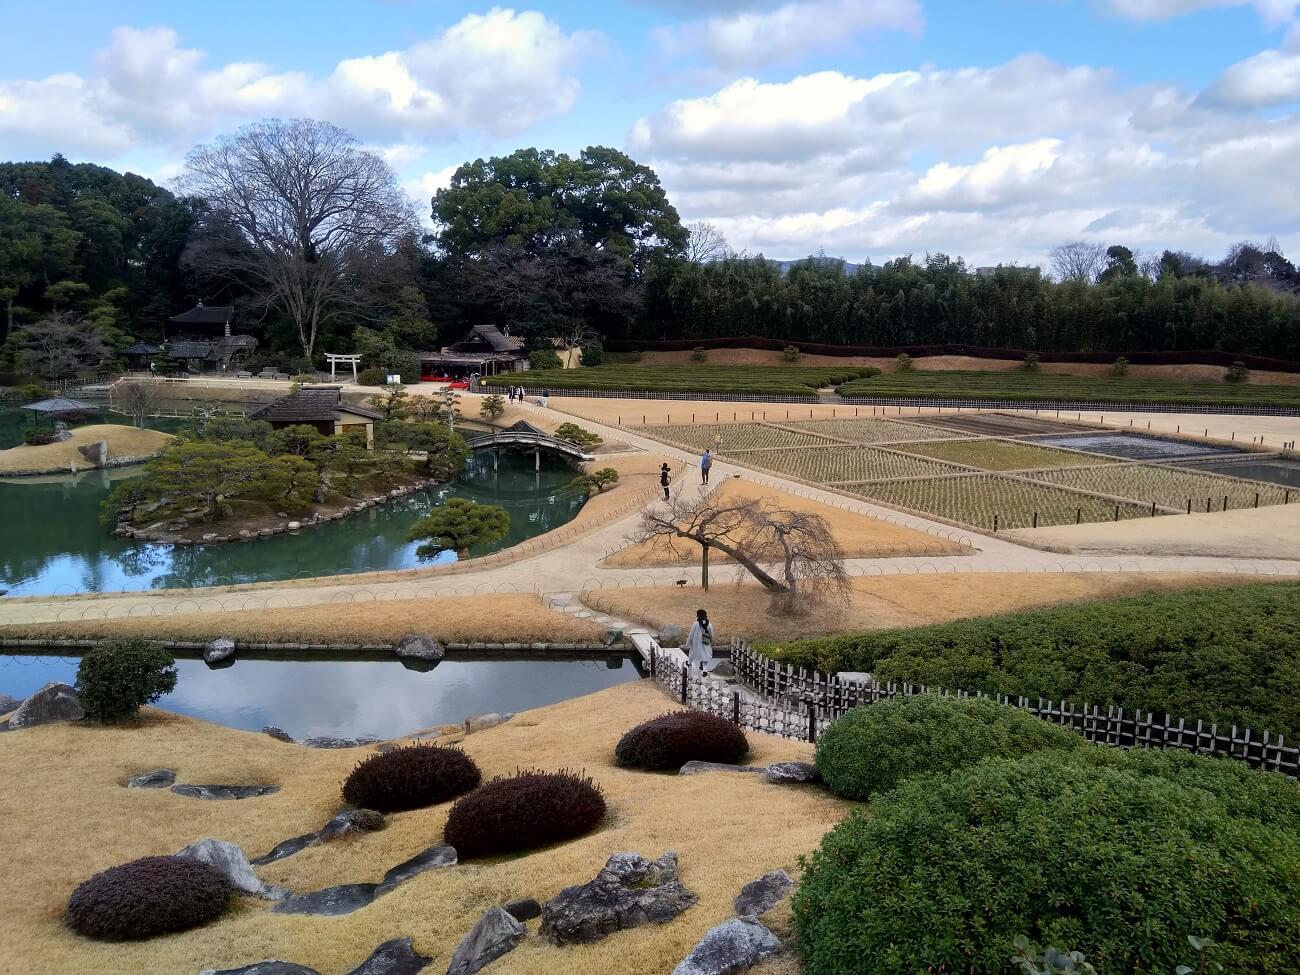 Vista dall'alto del Koraku-en. Sulla sinistra il giardino, sulla destra piccoli campi di riso e di tè